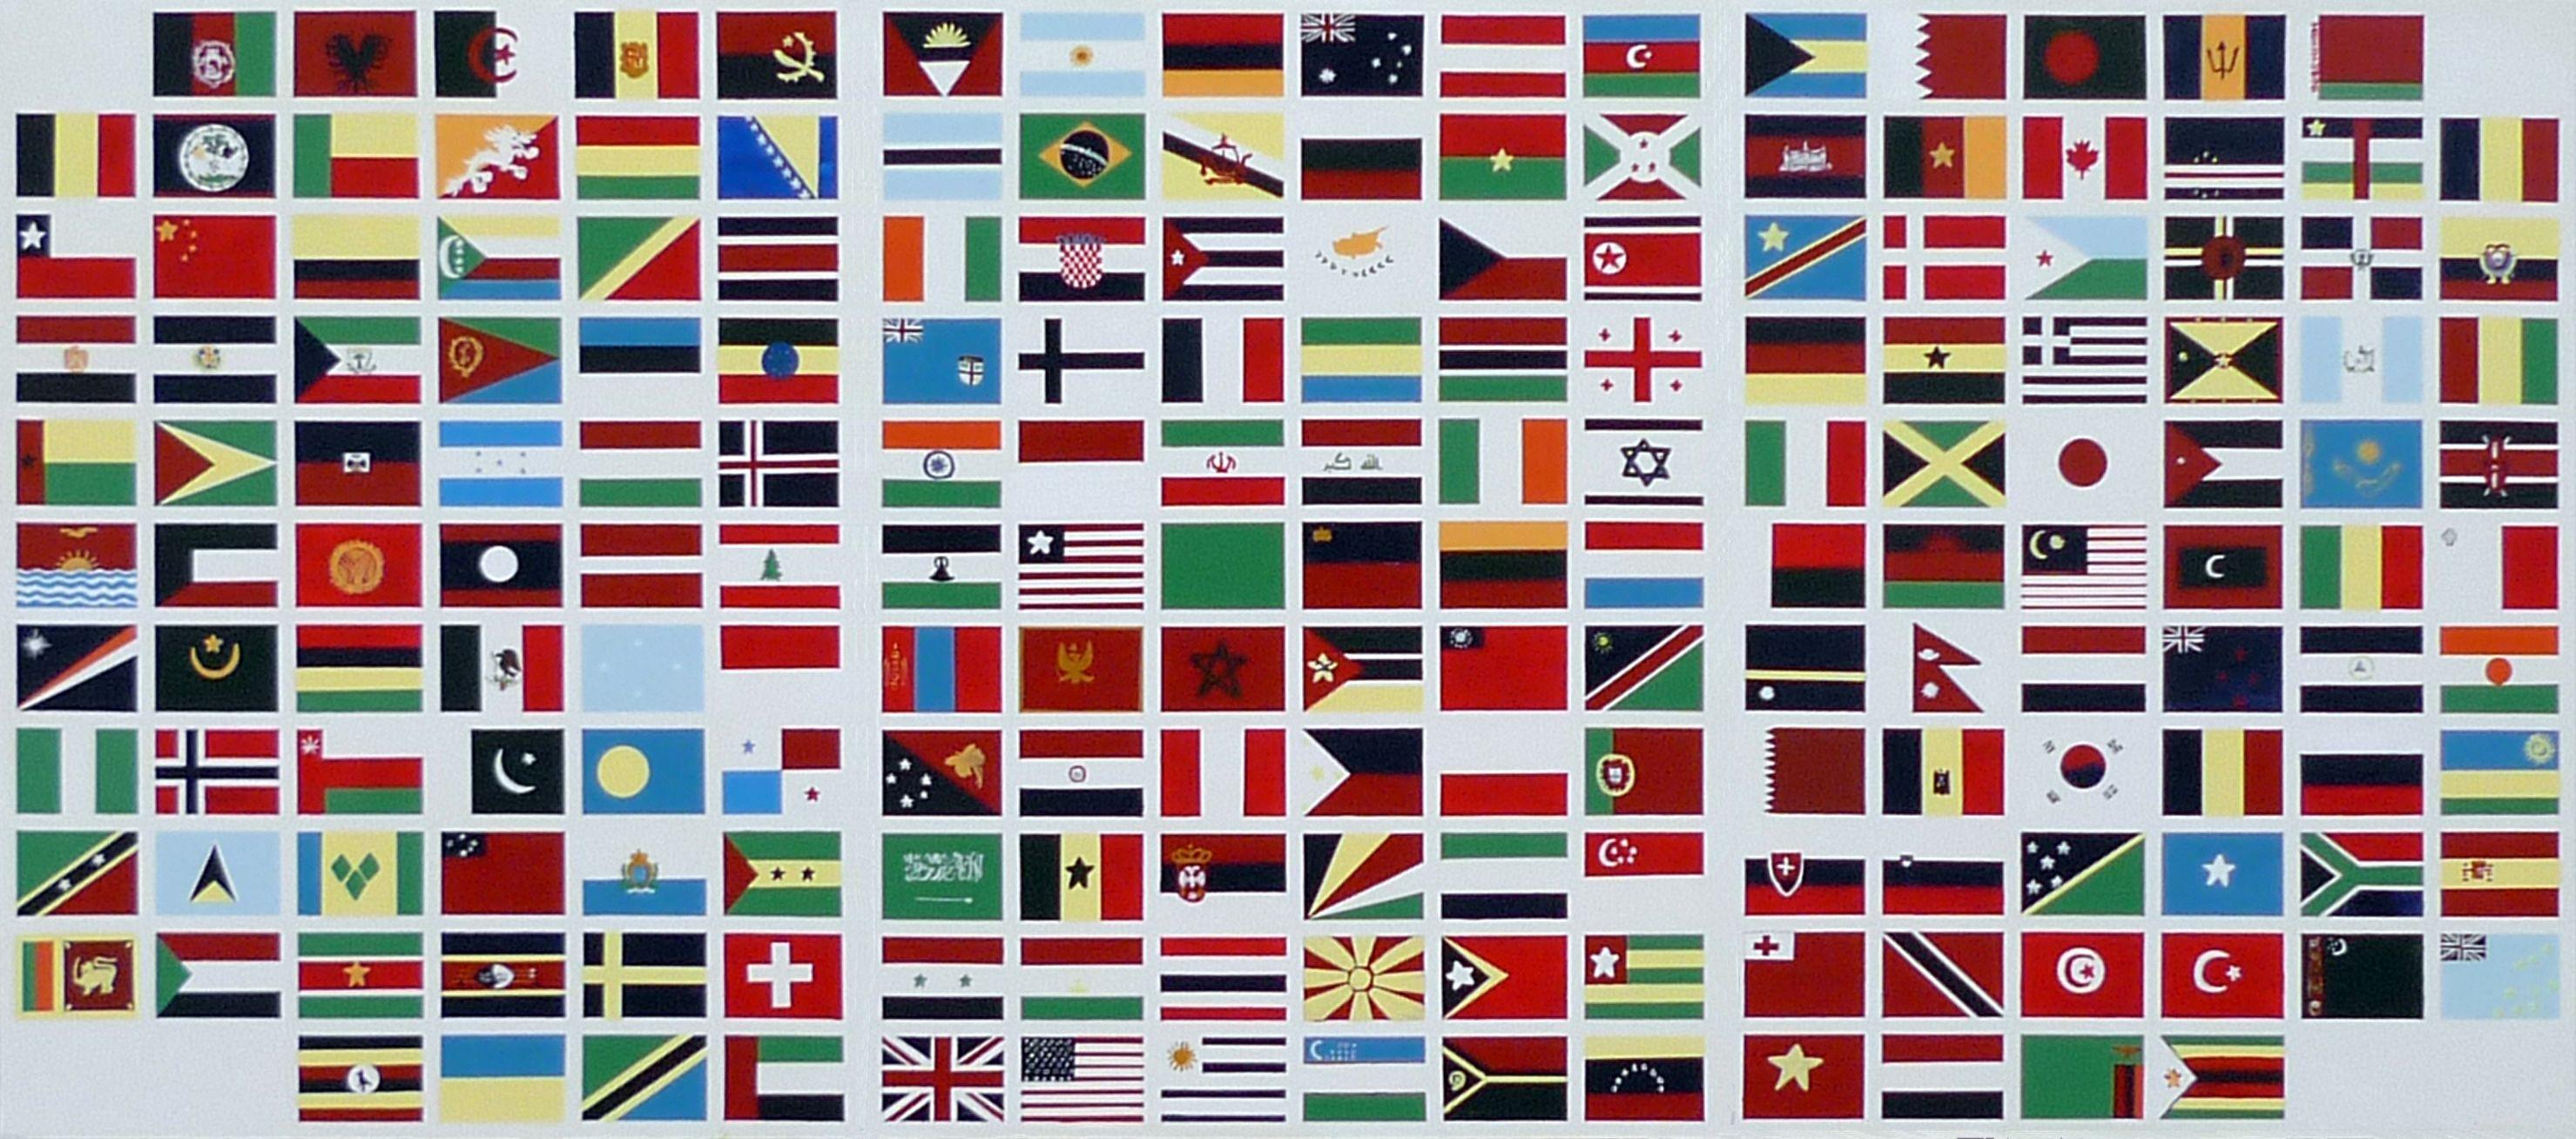 www.danielrodriguezcastro.es flags world